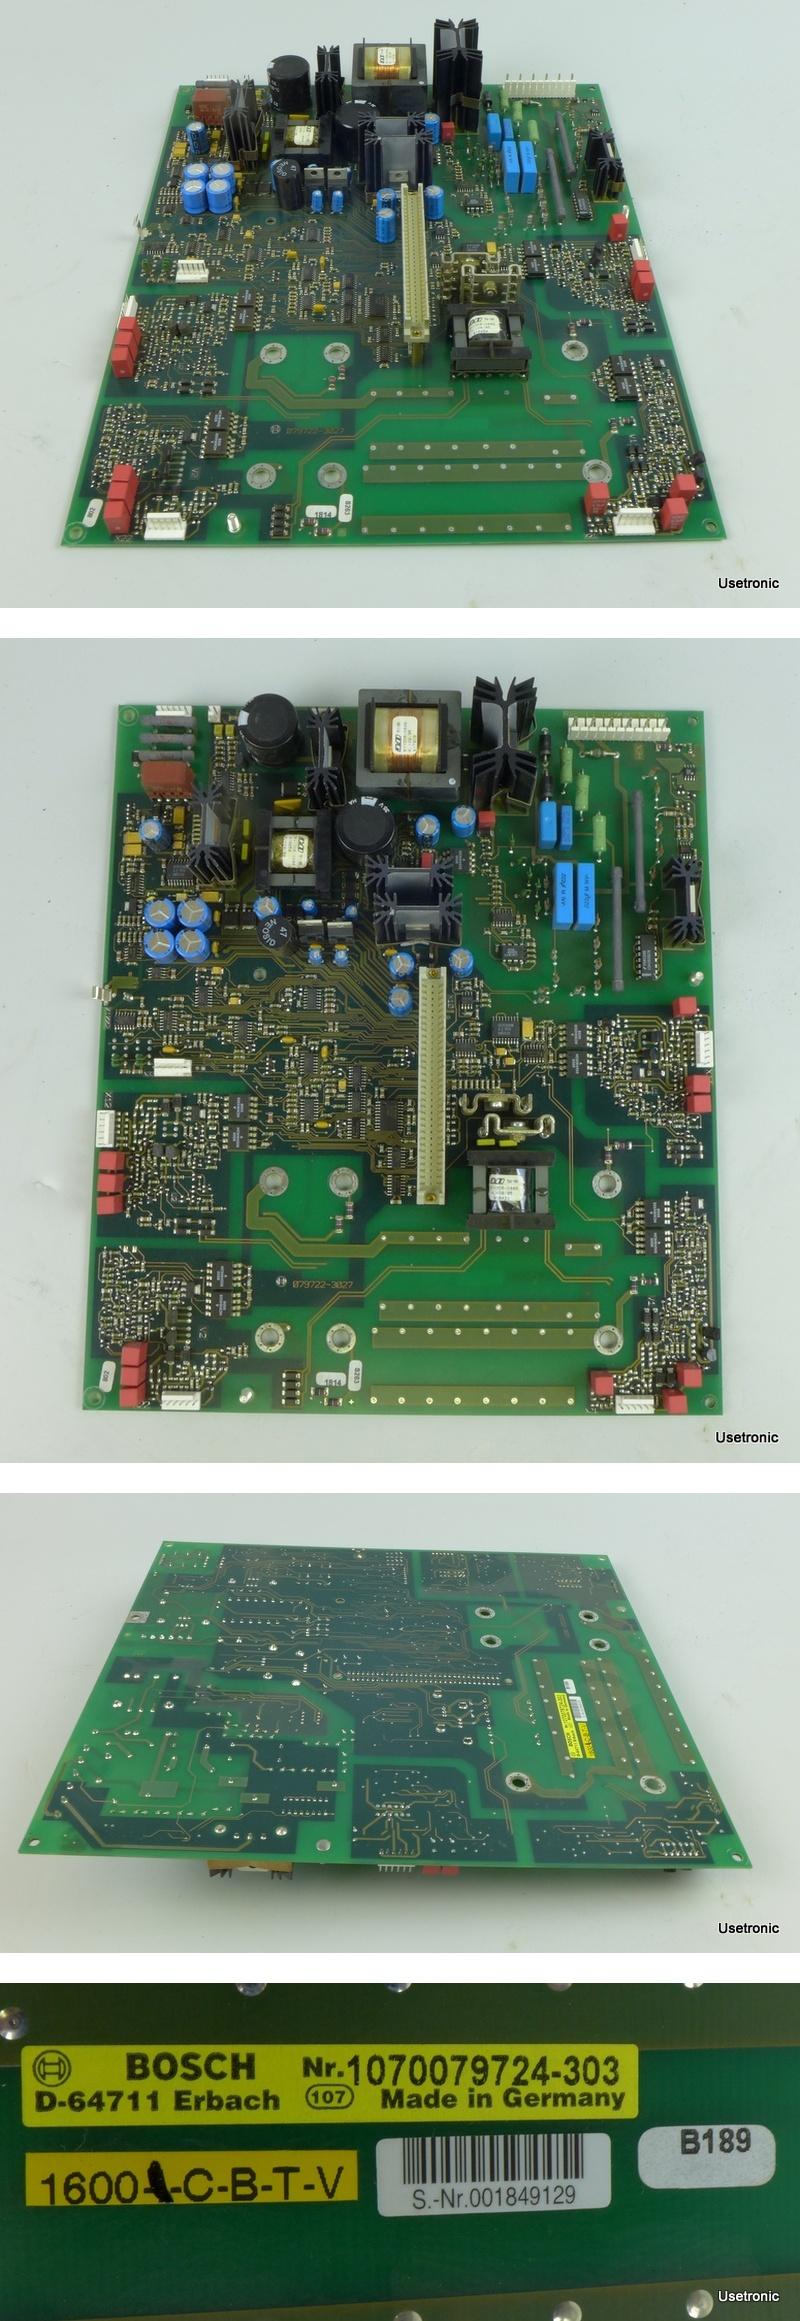 Bosch 1070079724-303